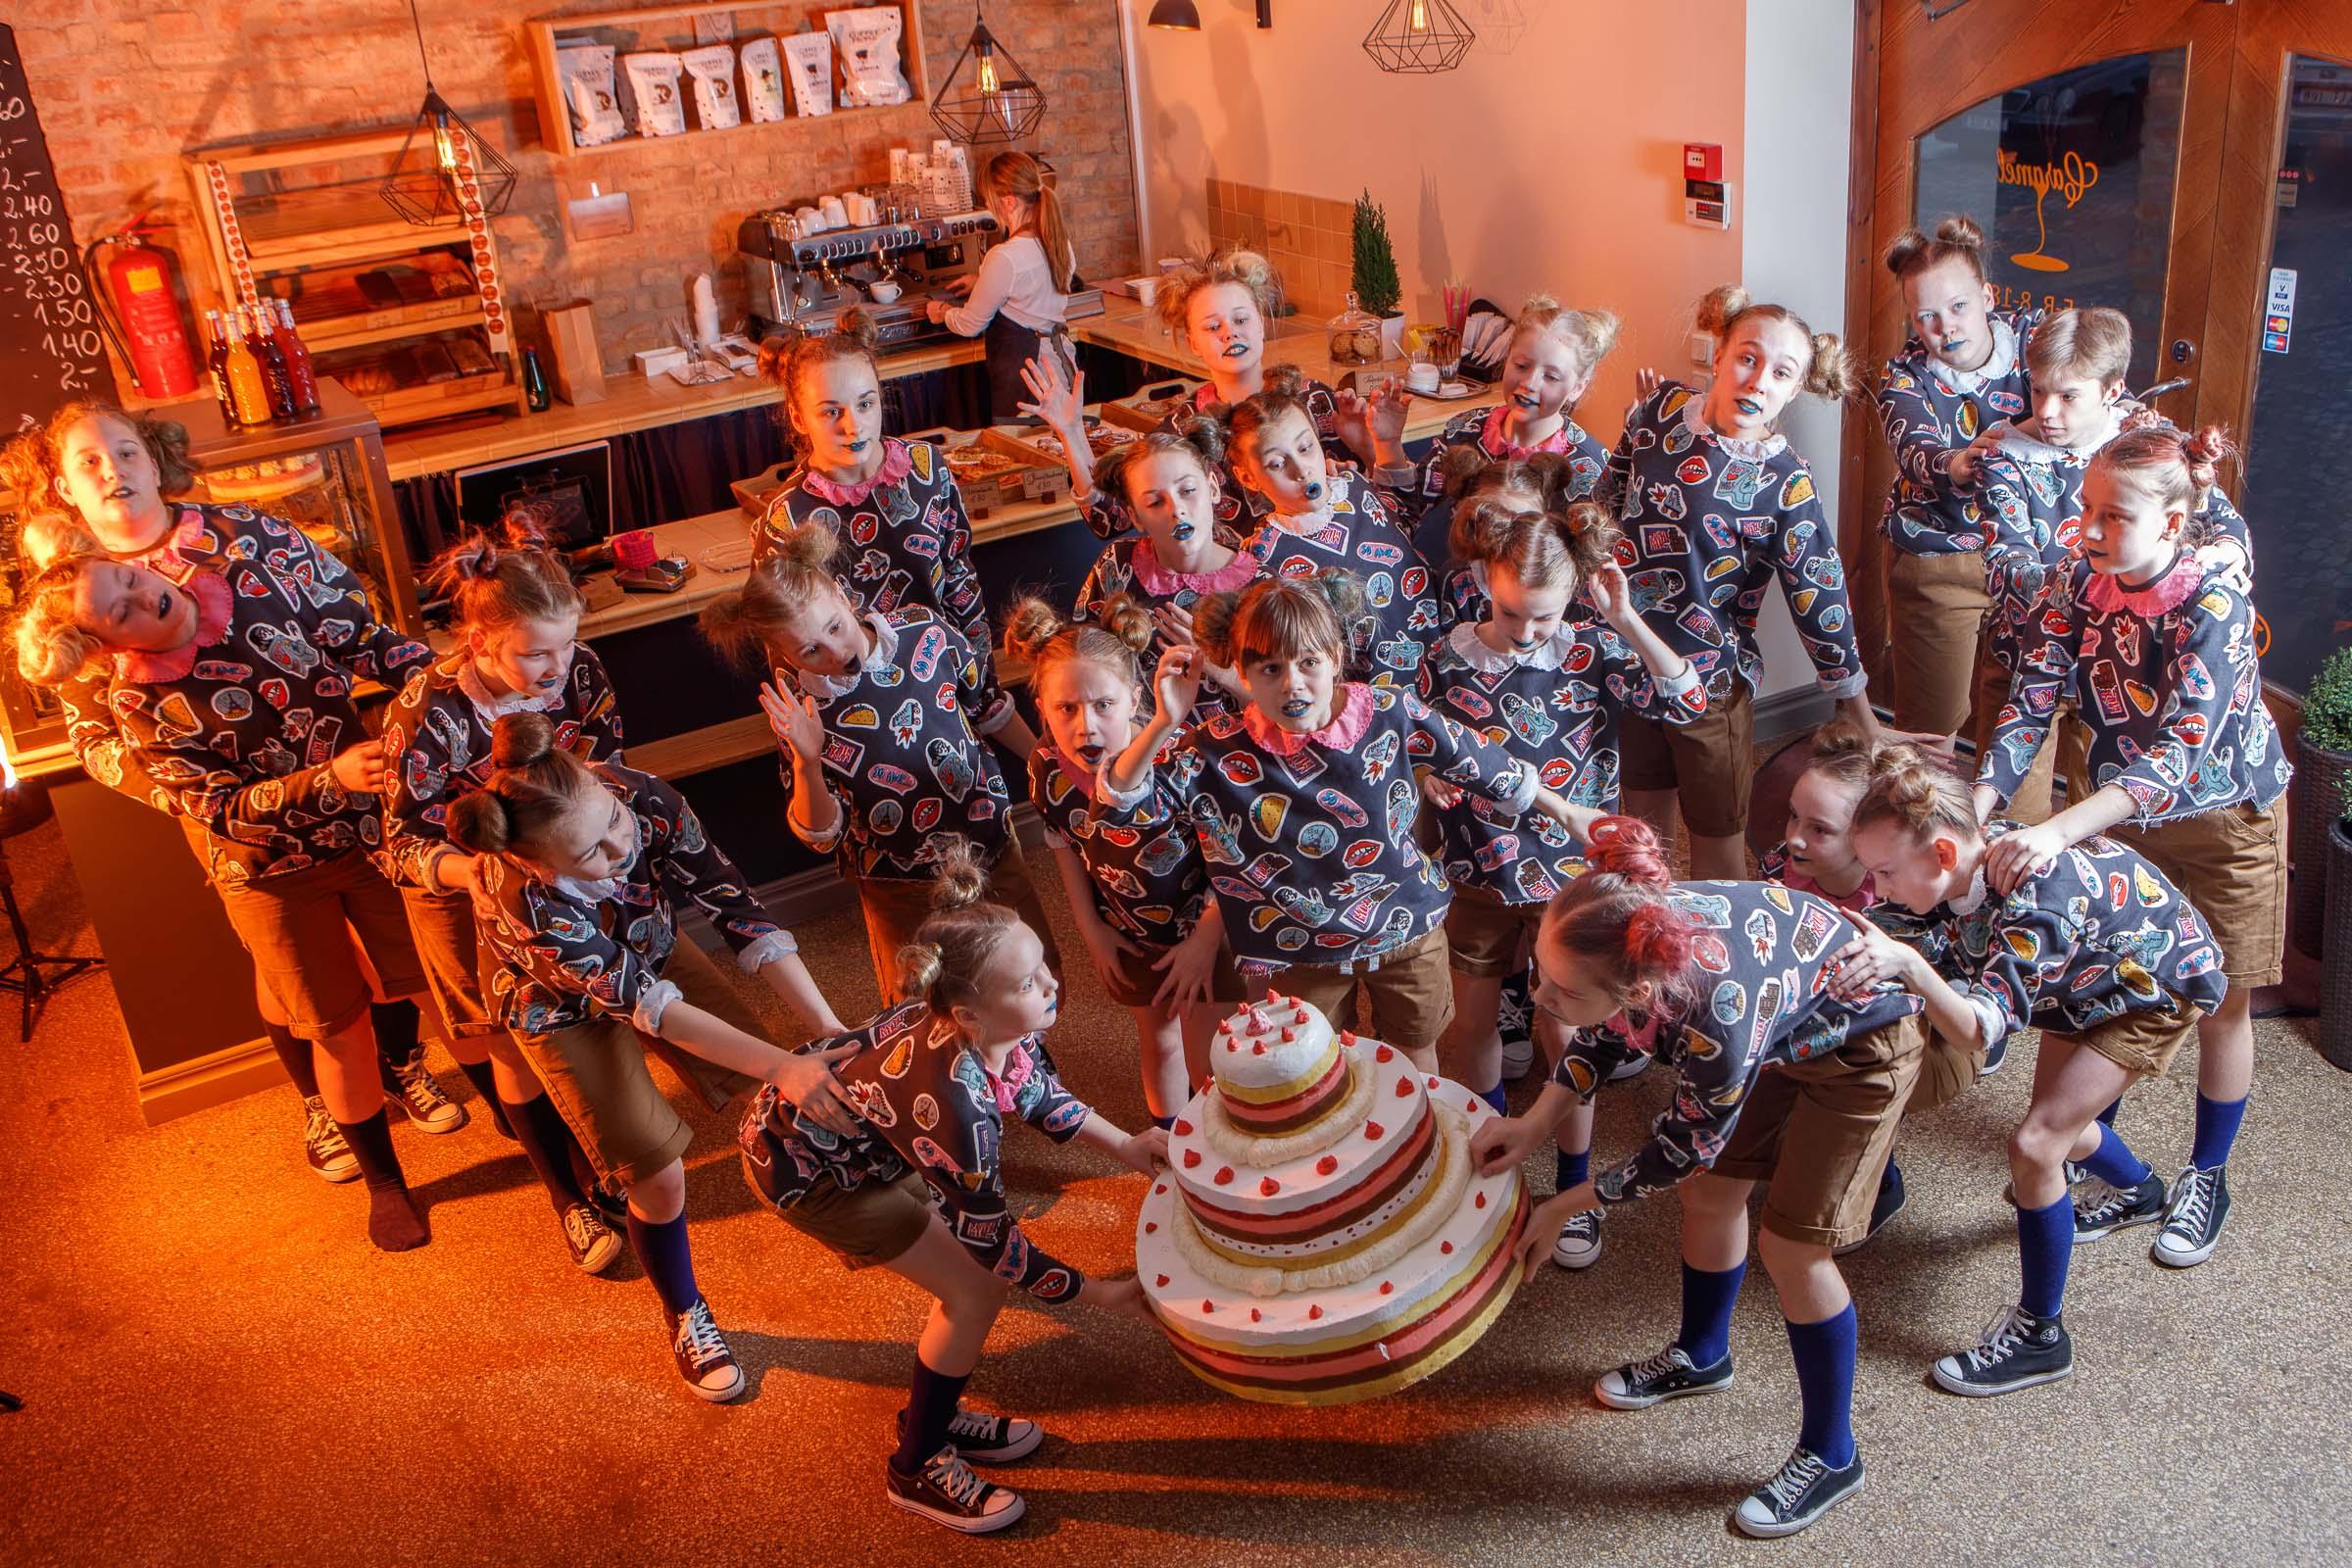 FACE-moe-ja-tantsukooli-tants-_Tort_-kohvikus-Caramel10